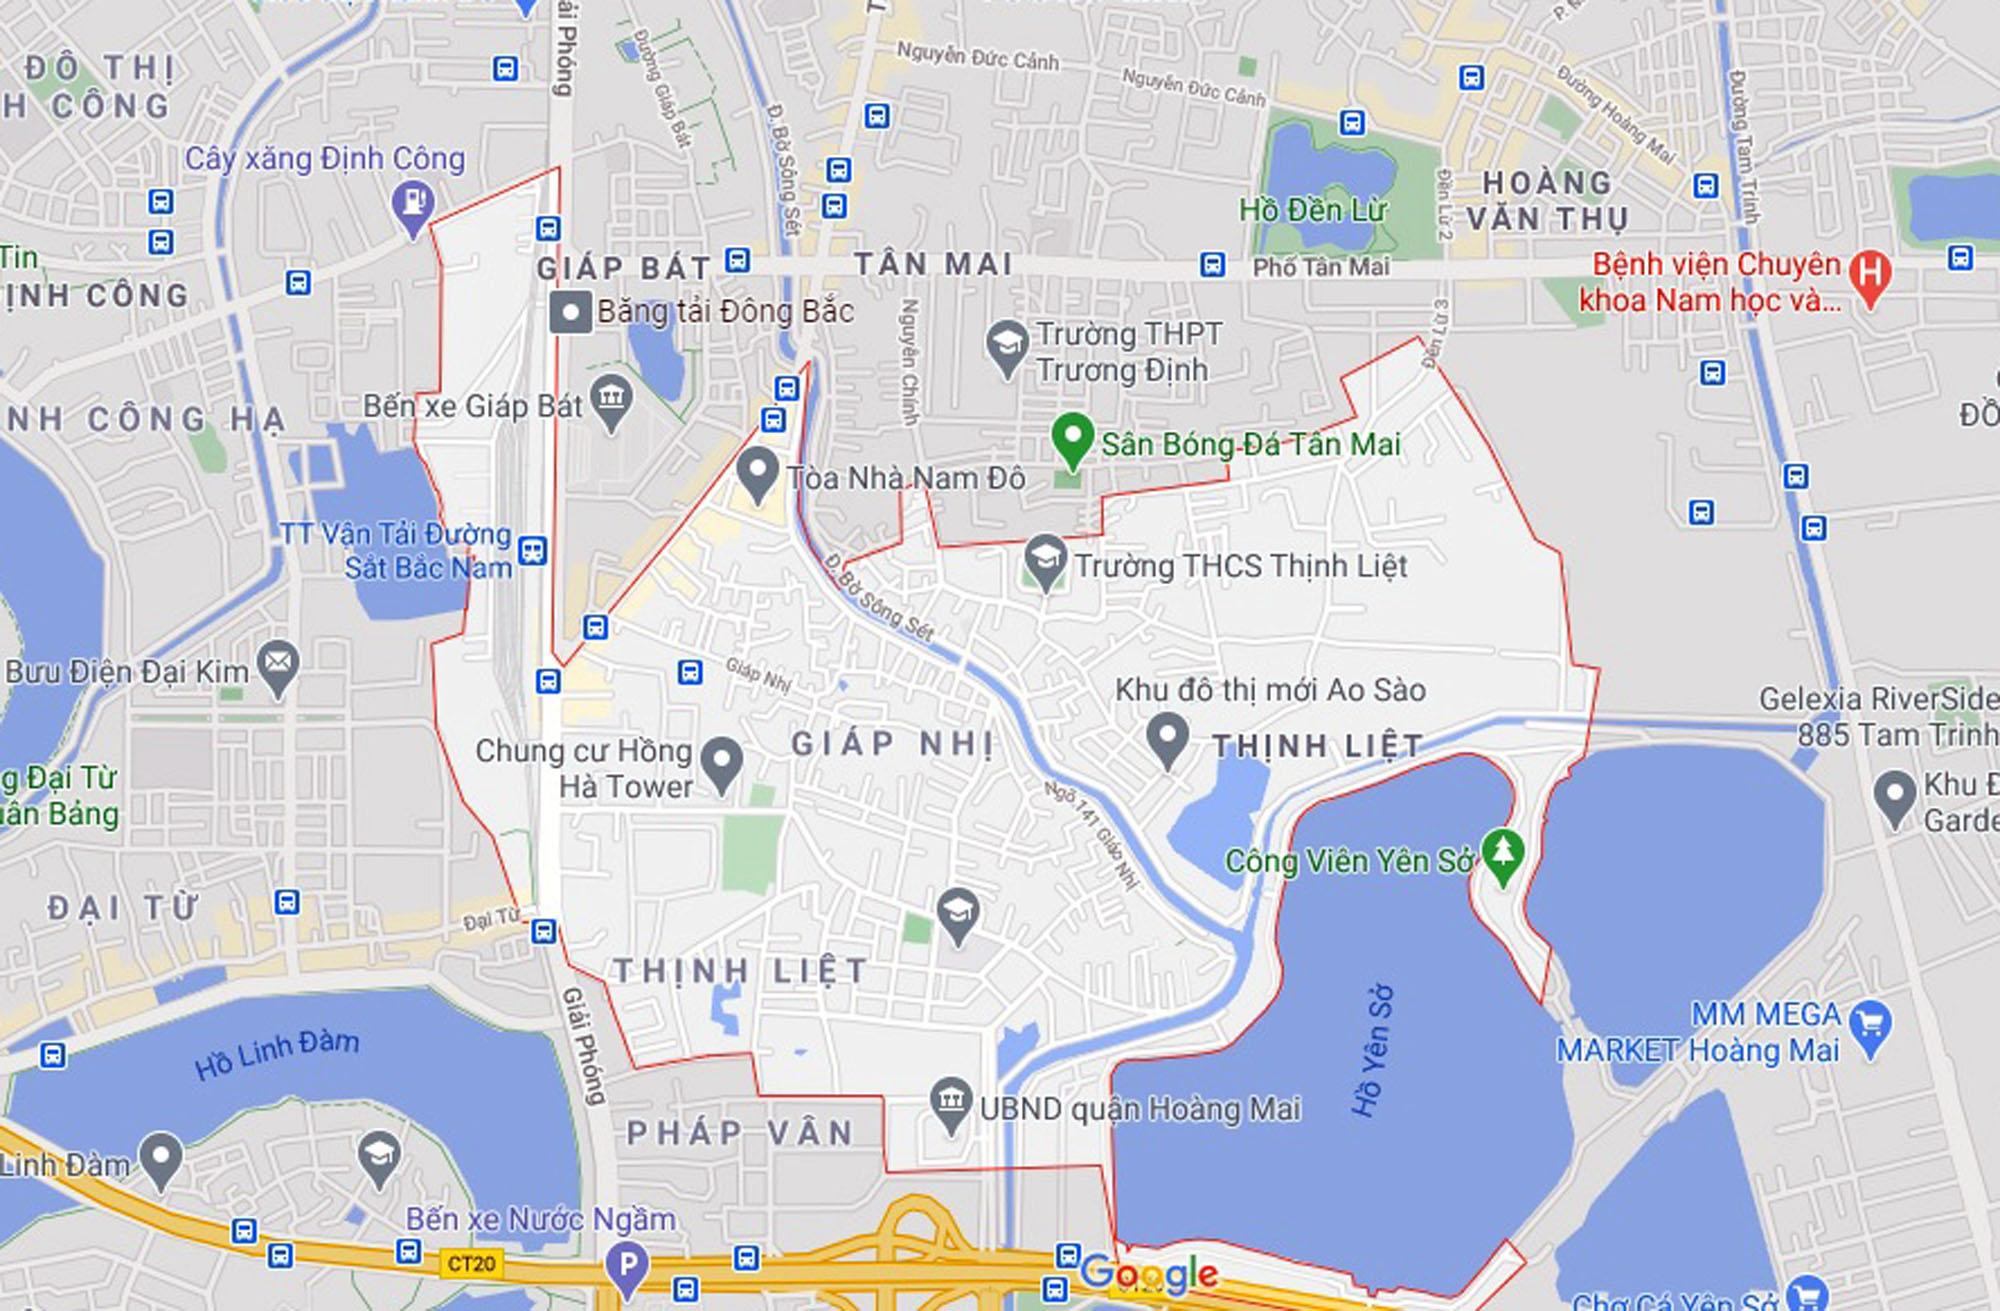 Đường sẽ mở theo quy hoạch ở phường Thịnh Liệt, Hoàng Mai, Hà Nội (phần 3) - Ảnh 1.